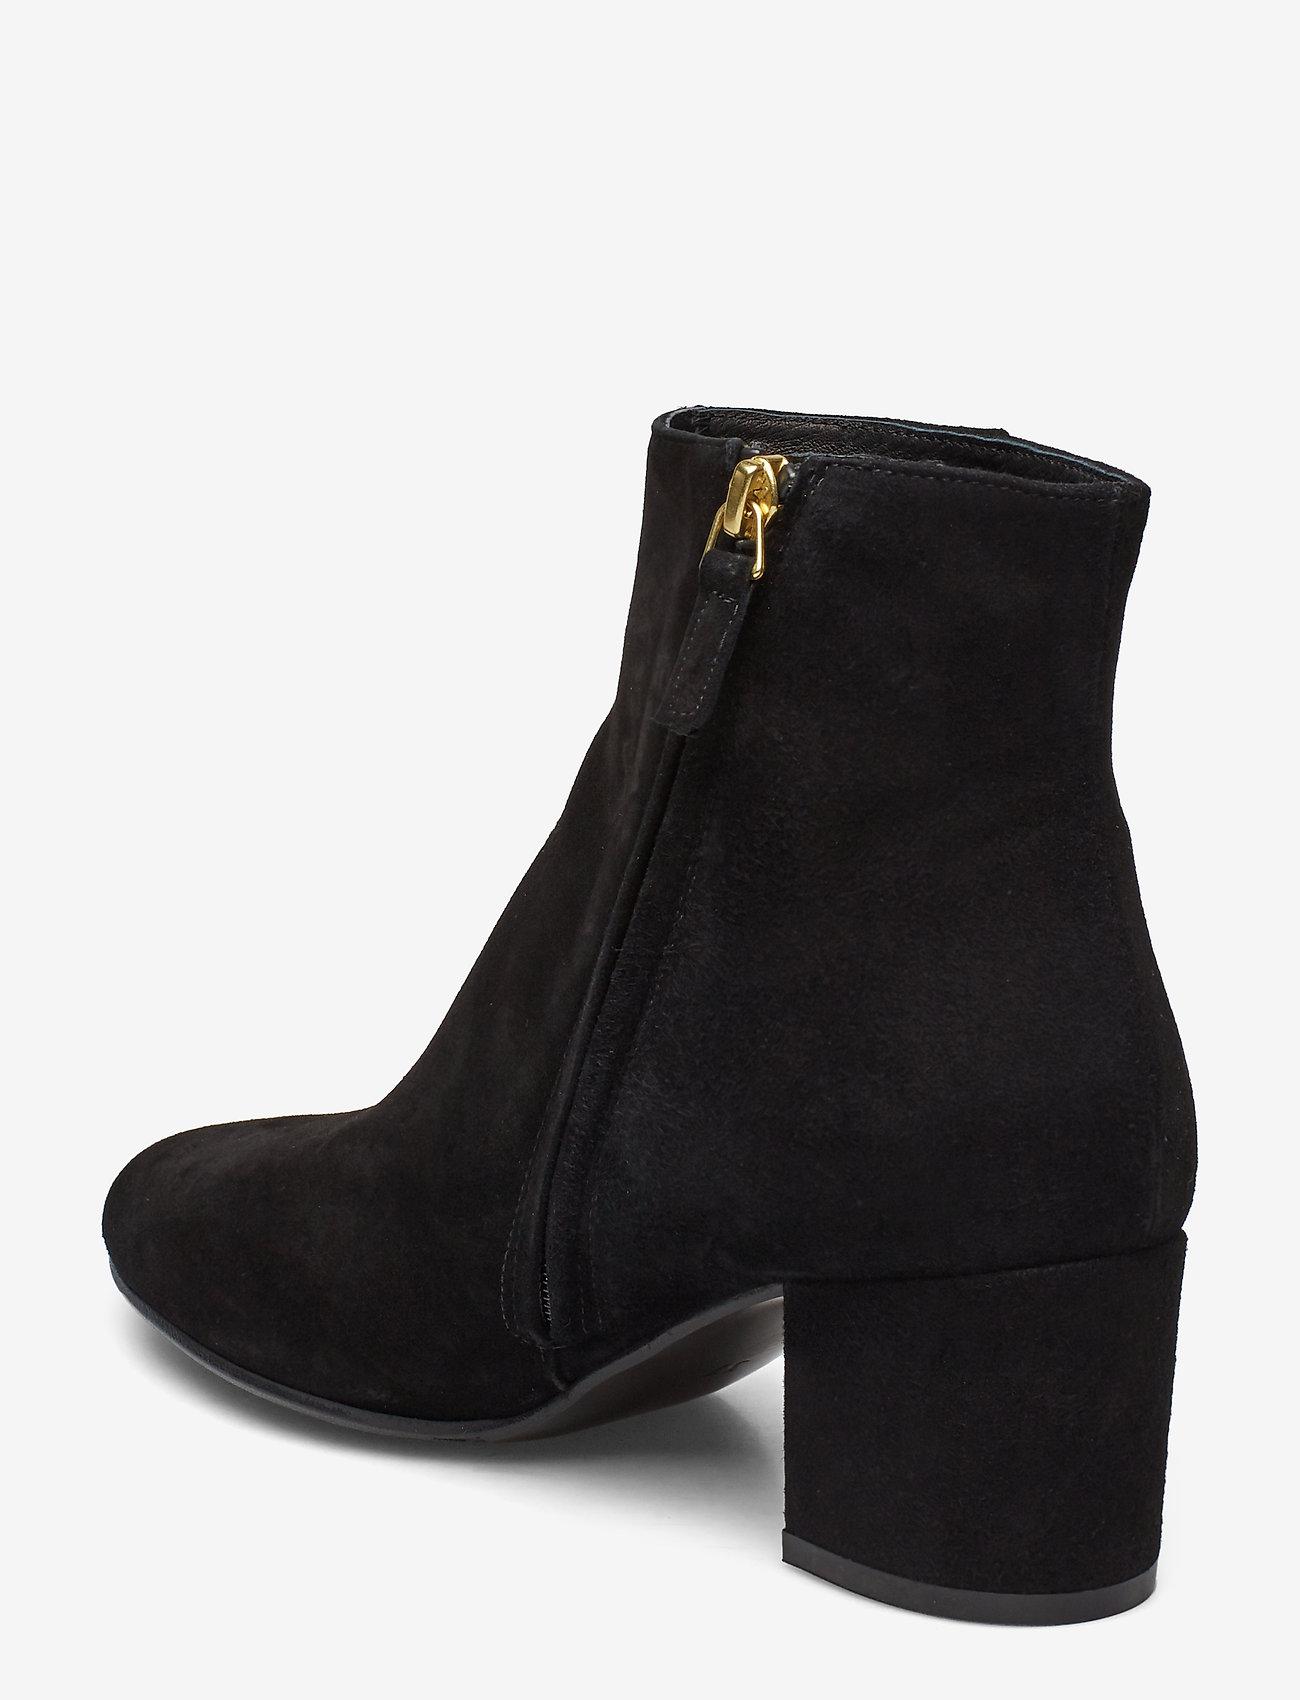 Booties 3405 (Black Suede 50) - Billi Bi